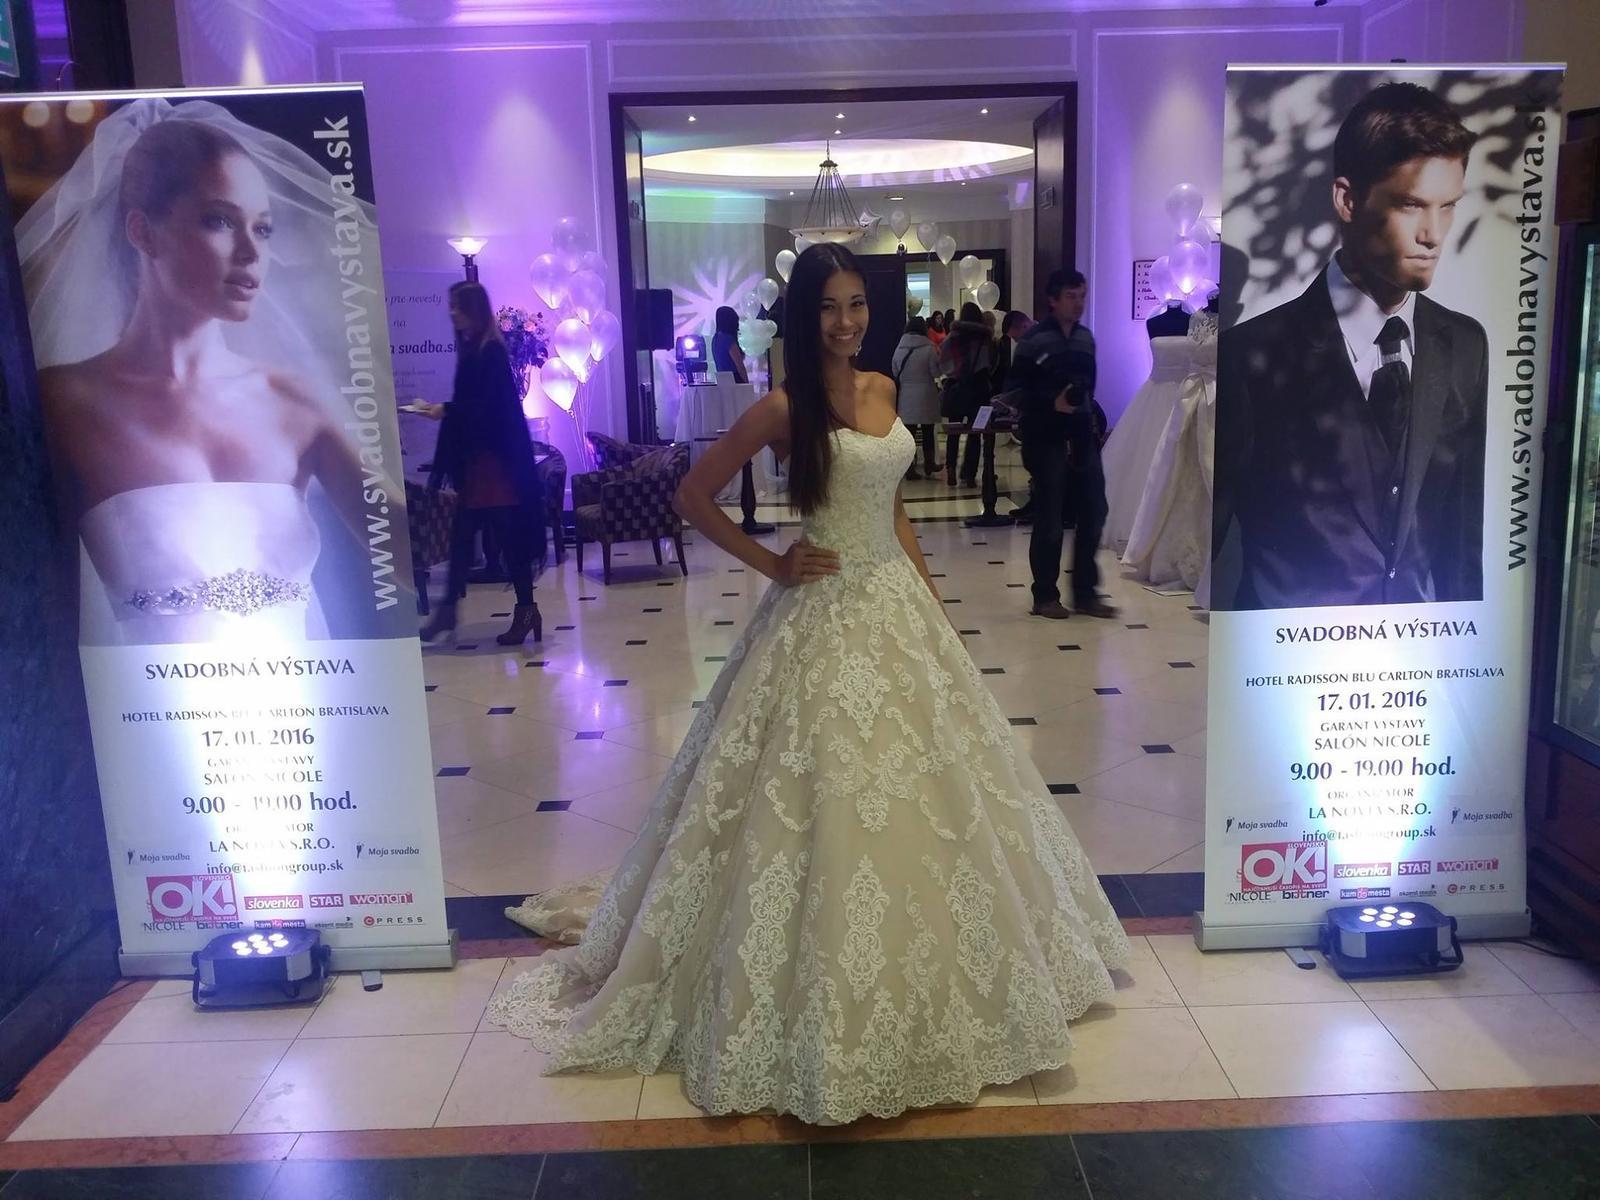 Svadobný fotograf Miqo Cash - 7.ročník svadobnej výstavy v Radisson Blu hotel Carlton - Obrázok č. 18